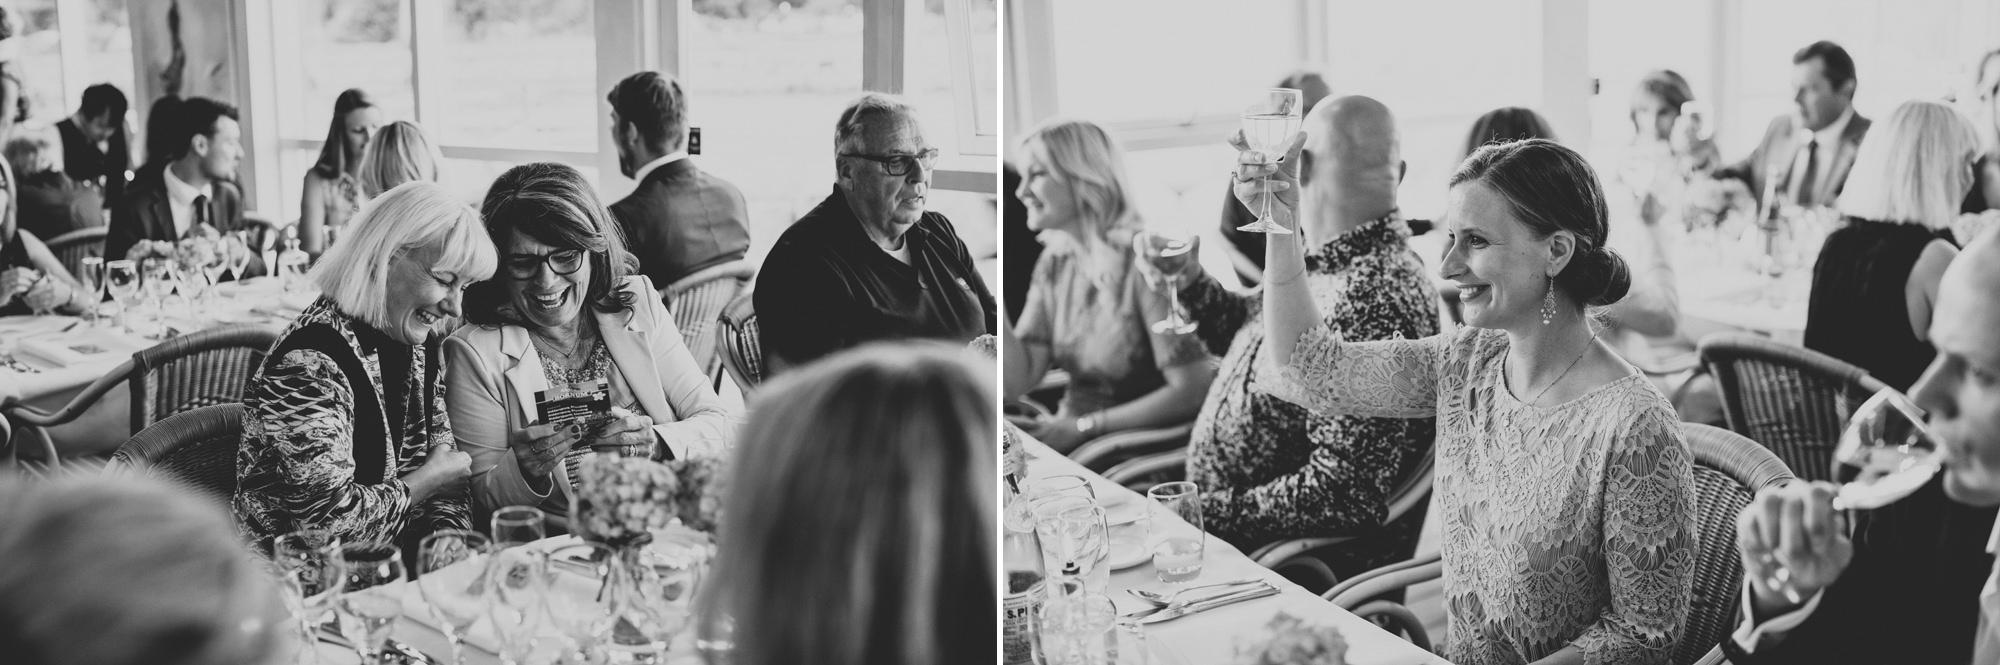 Oceanside Wedding in Denmark ©Anne-Claire Brun 0062